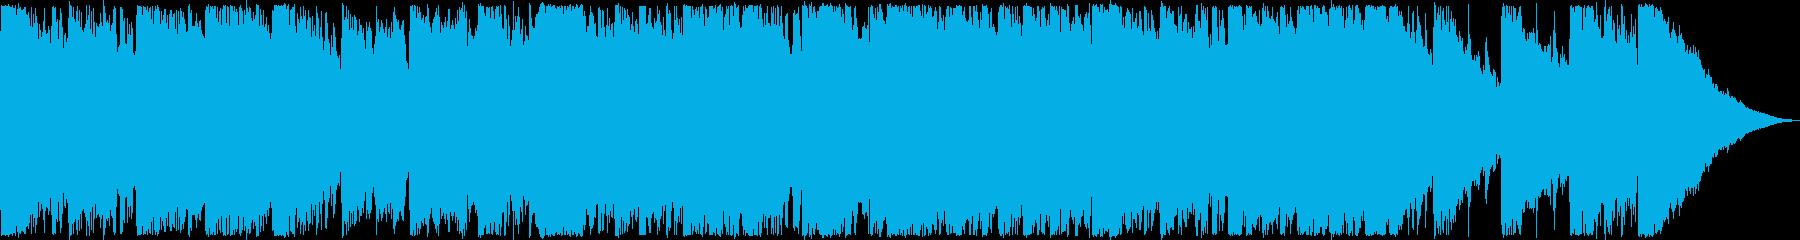 オープニング・洋楽・女性ボーカルポップの再生済みの波形